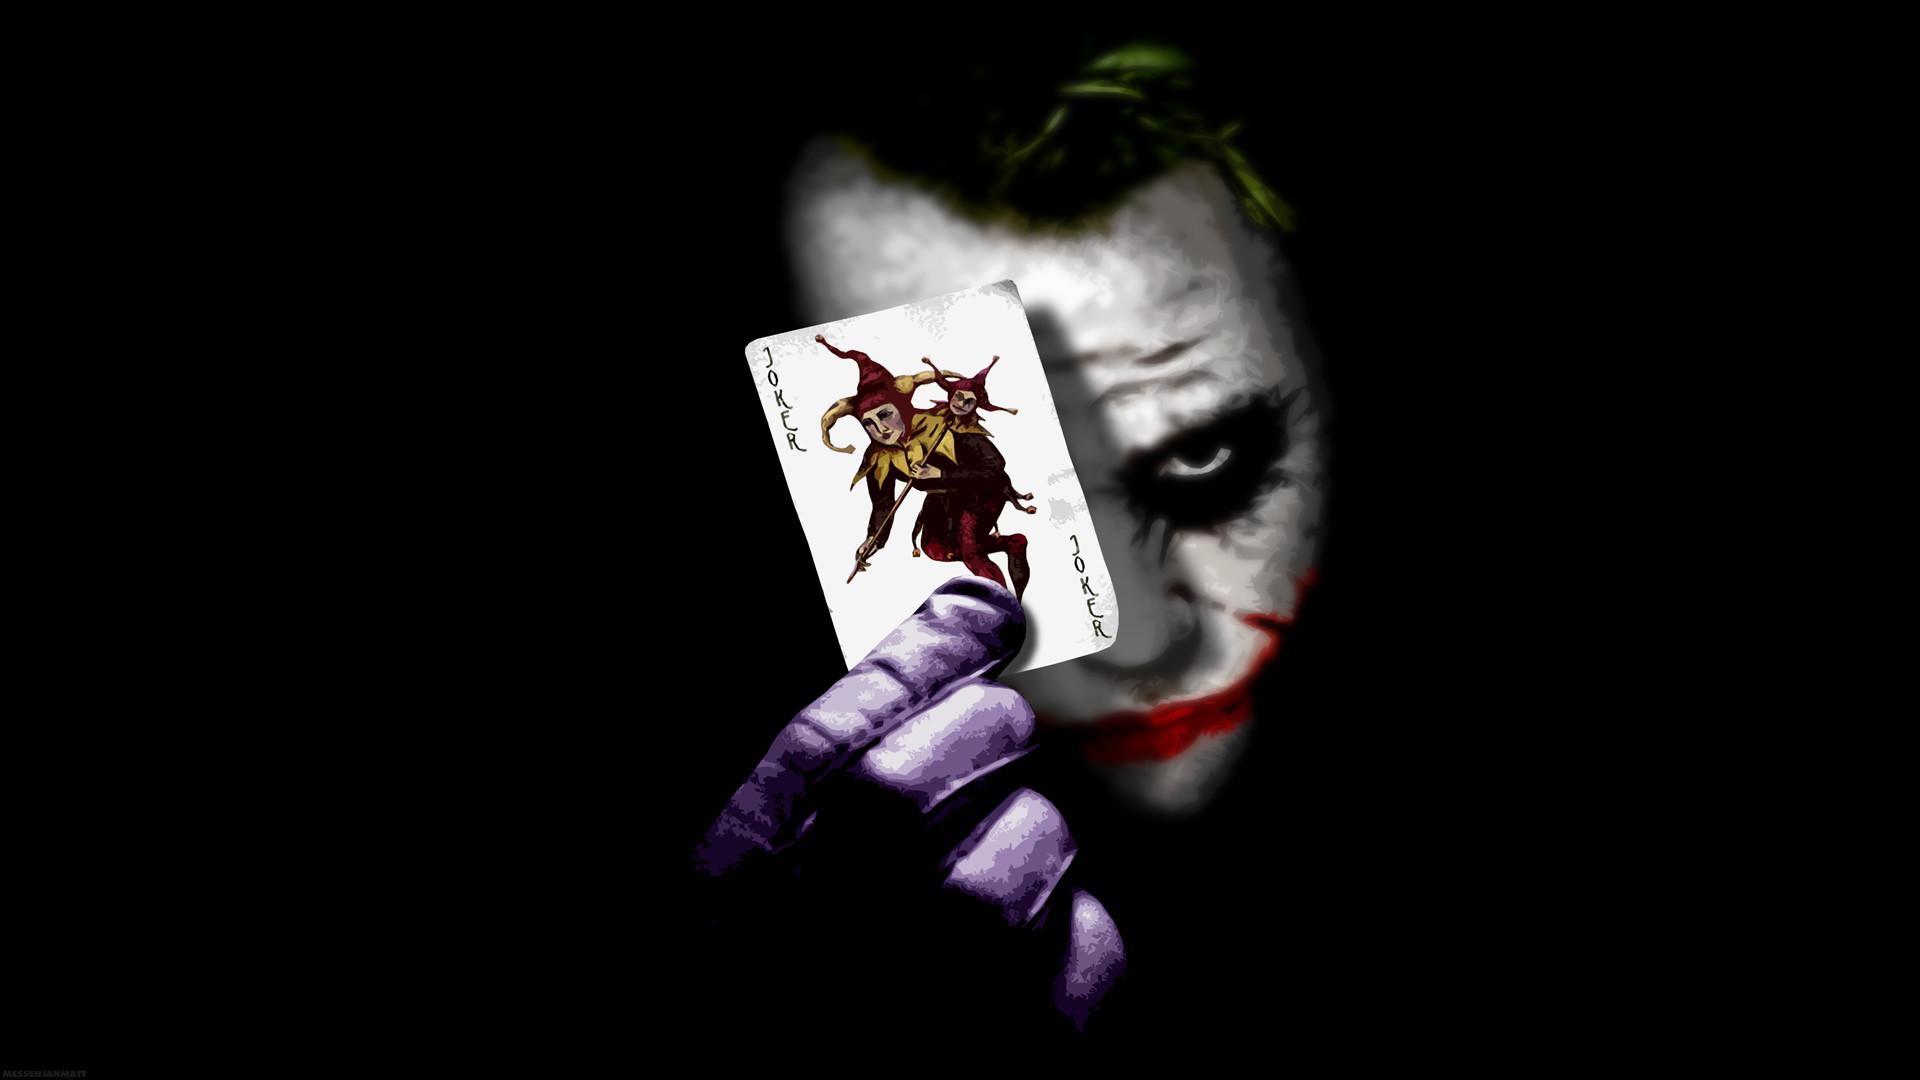 Wallpapers Joker Full Hd The Taringa | #172636 #joker – o.k .